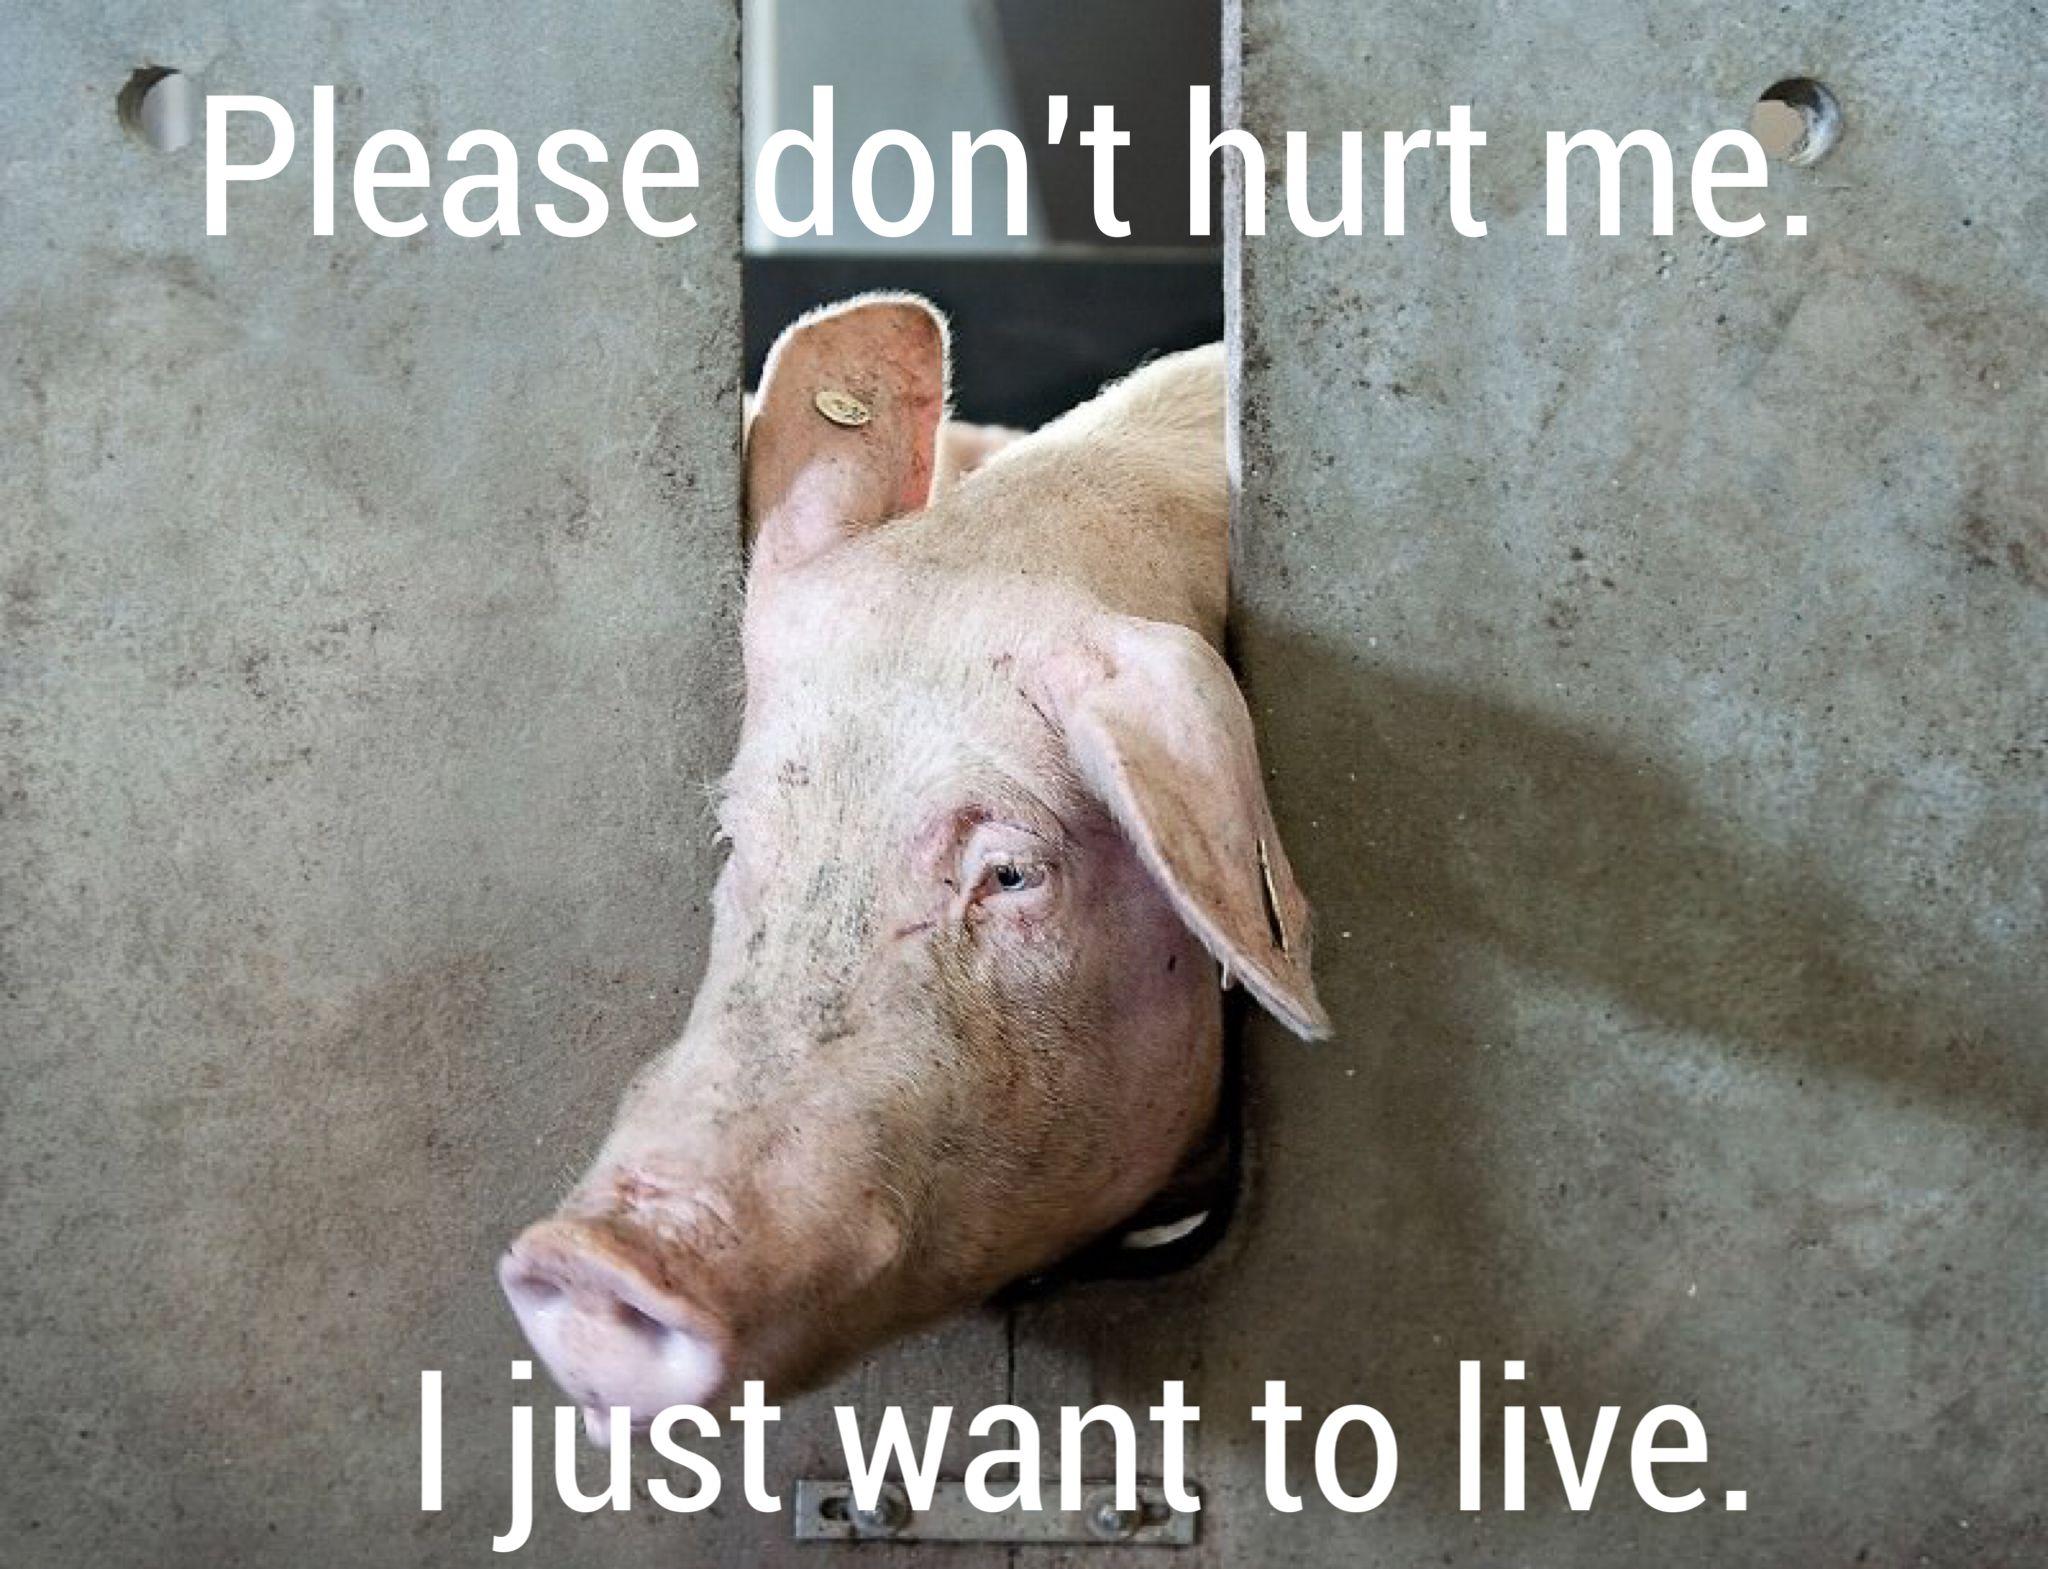 Animal Cruelty Quotes Why Finance Cruelty Vegan Crueltyfree  Veganism  Animal